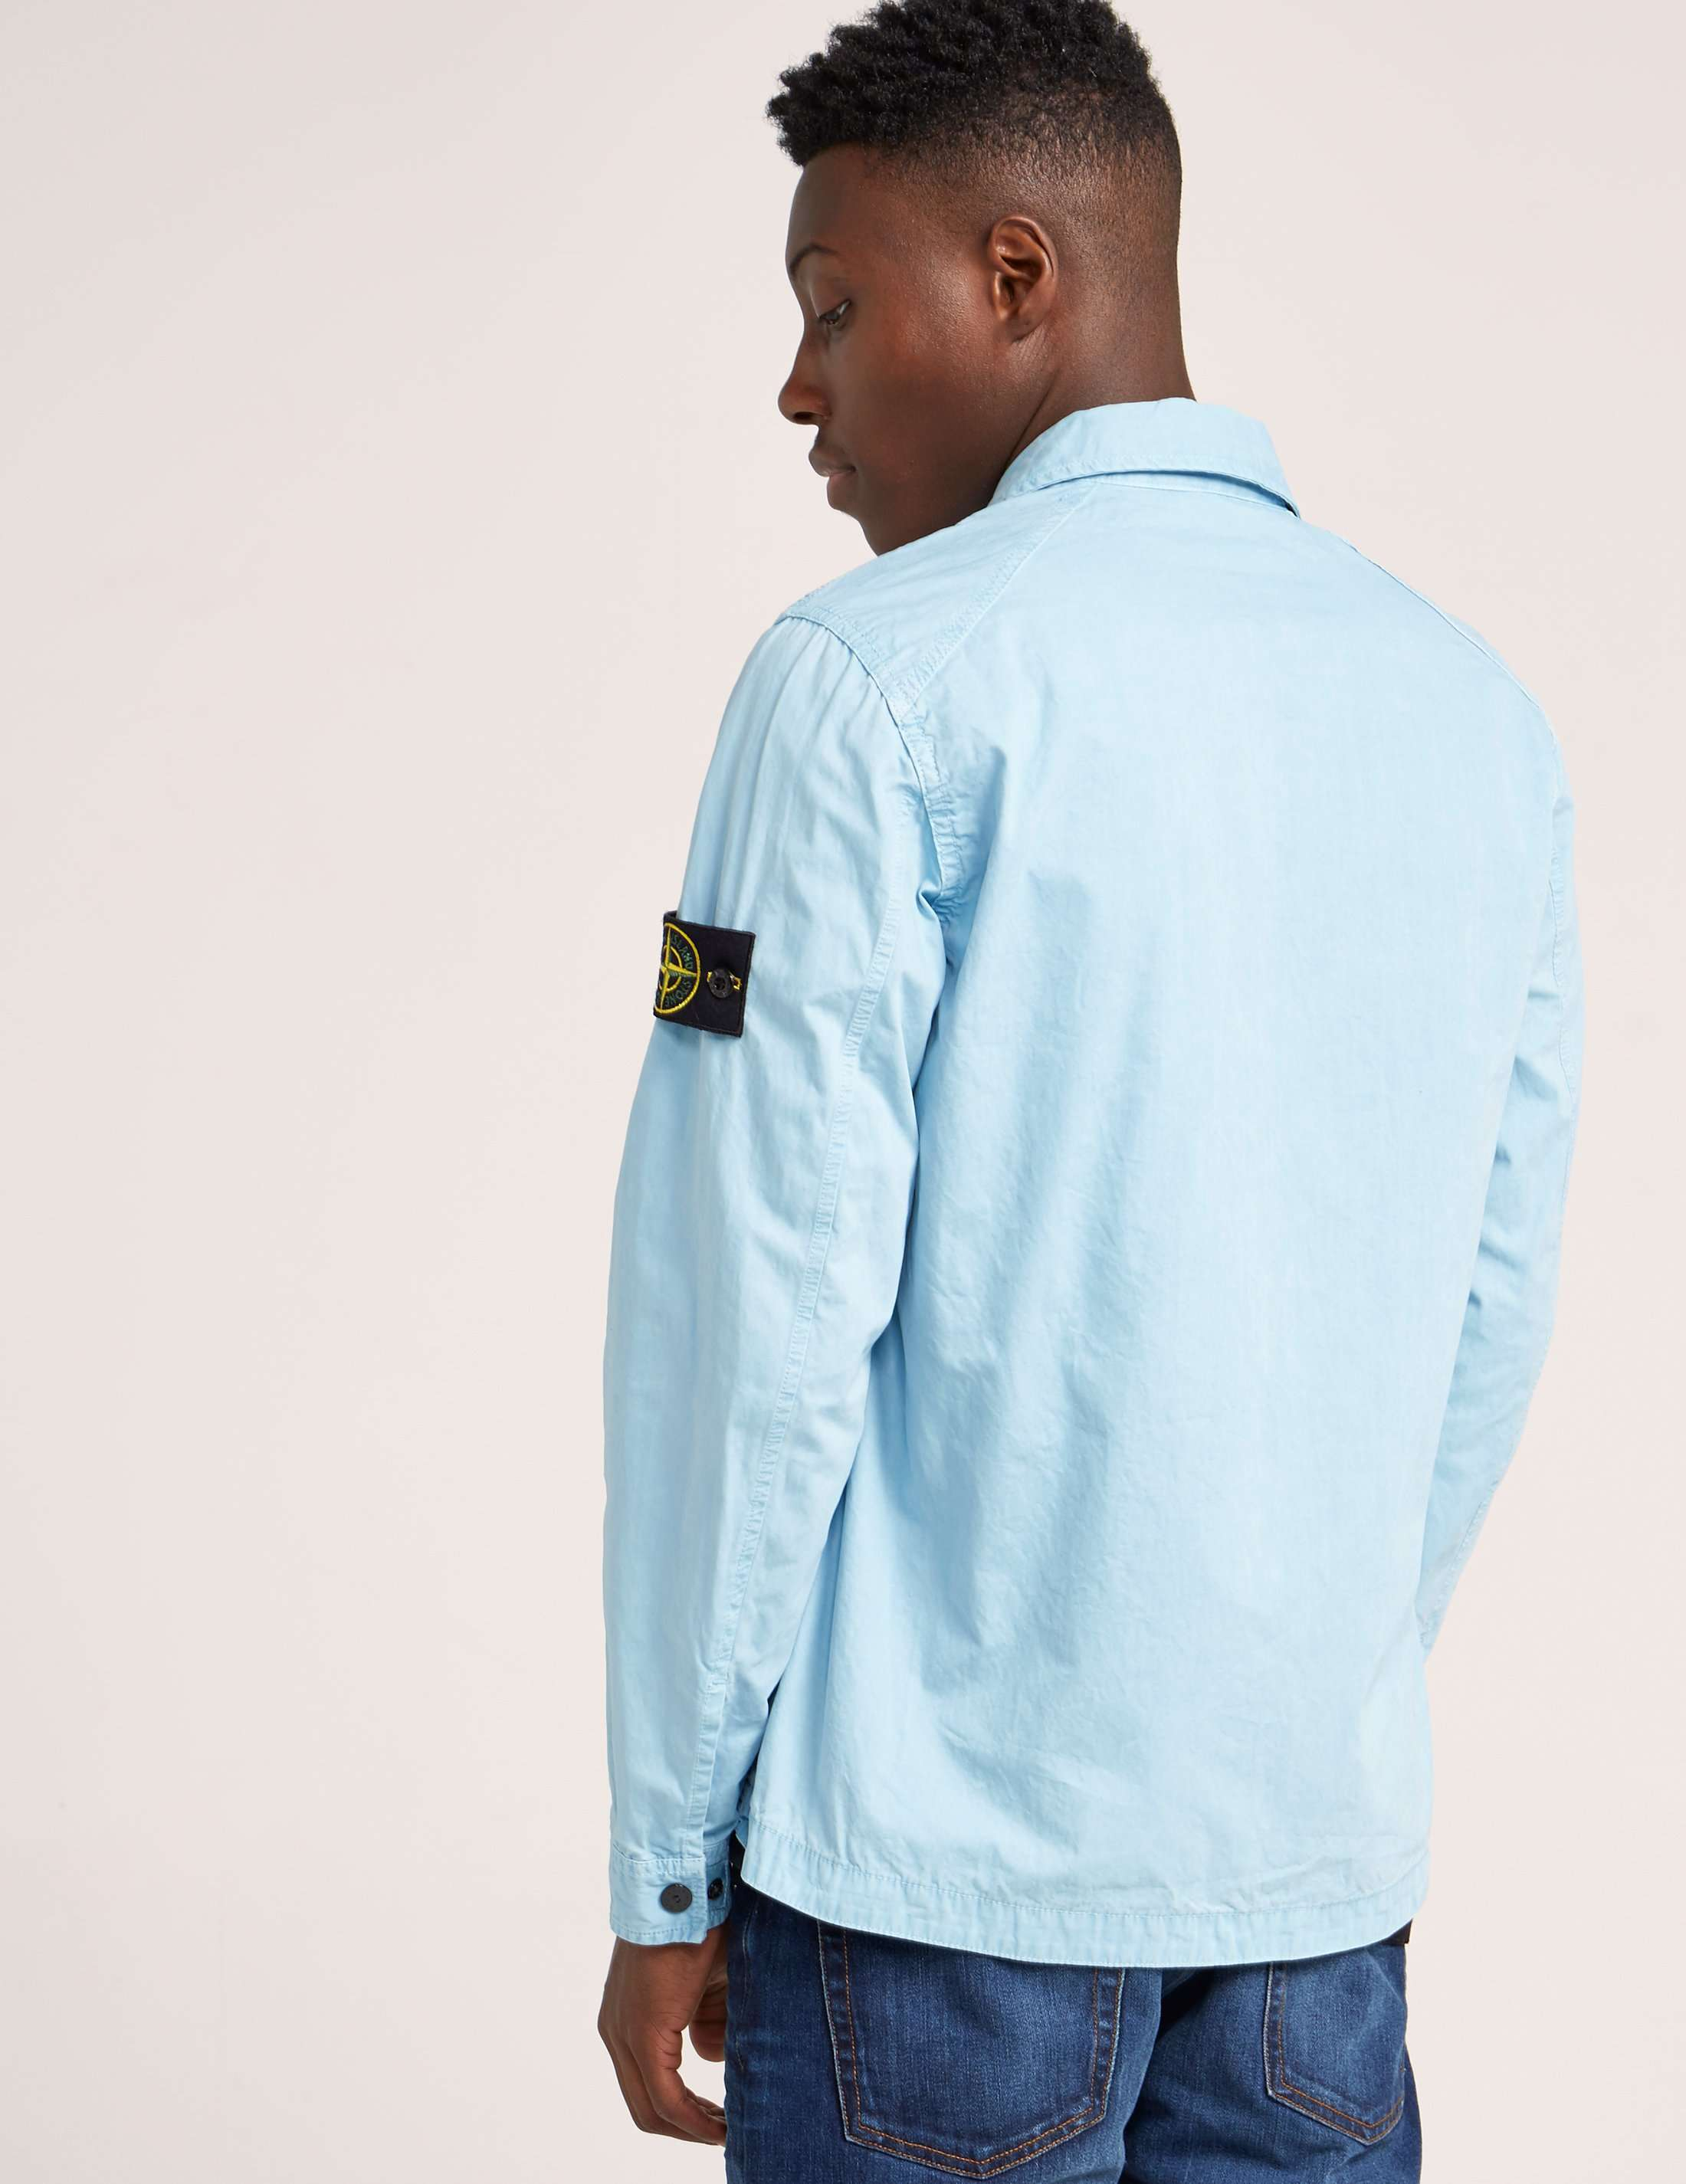 Stone Island Chest Pocket Overshirt